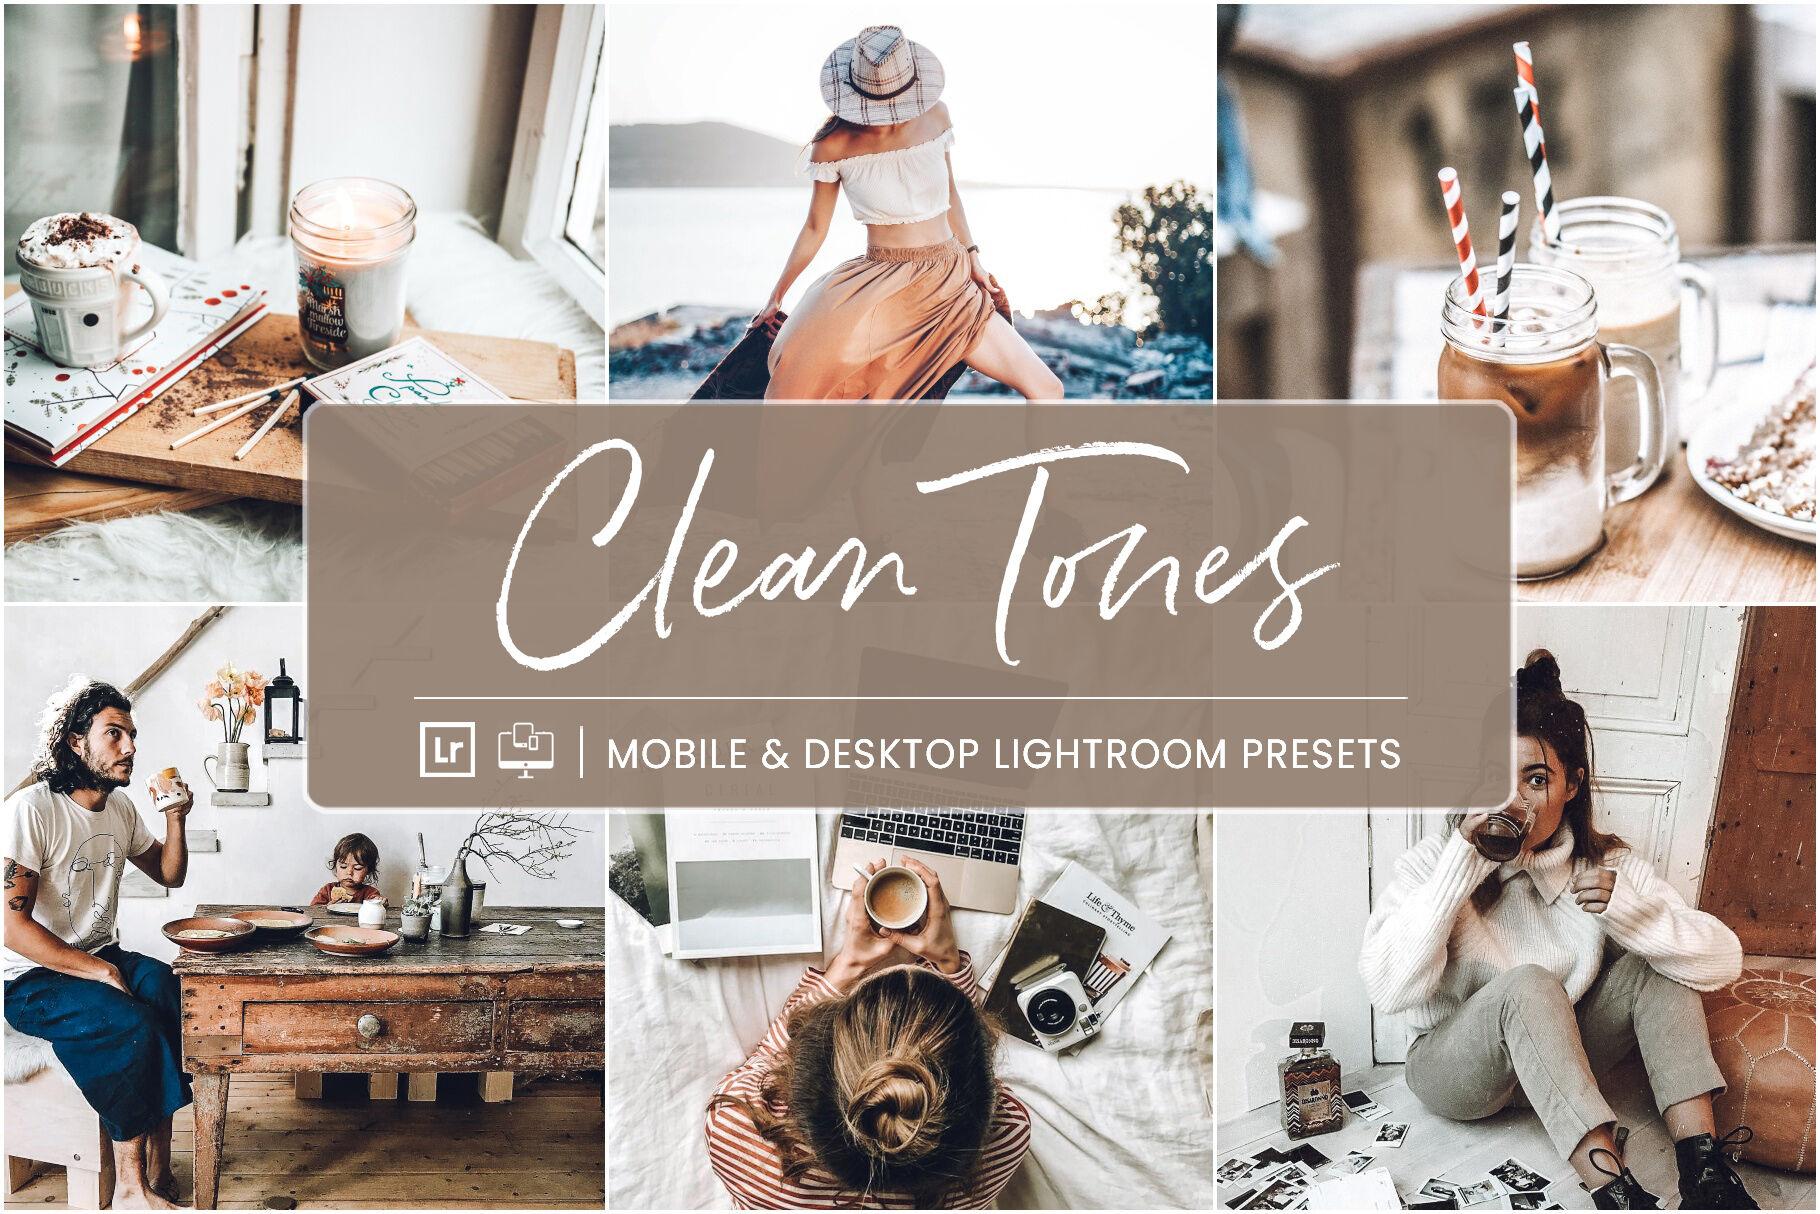 Clean Tones Mobile Desktop Lightroom Presets By Nes Studio